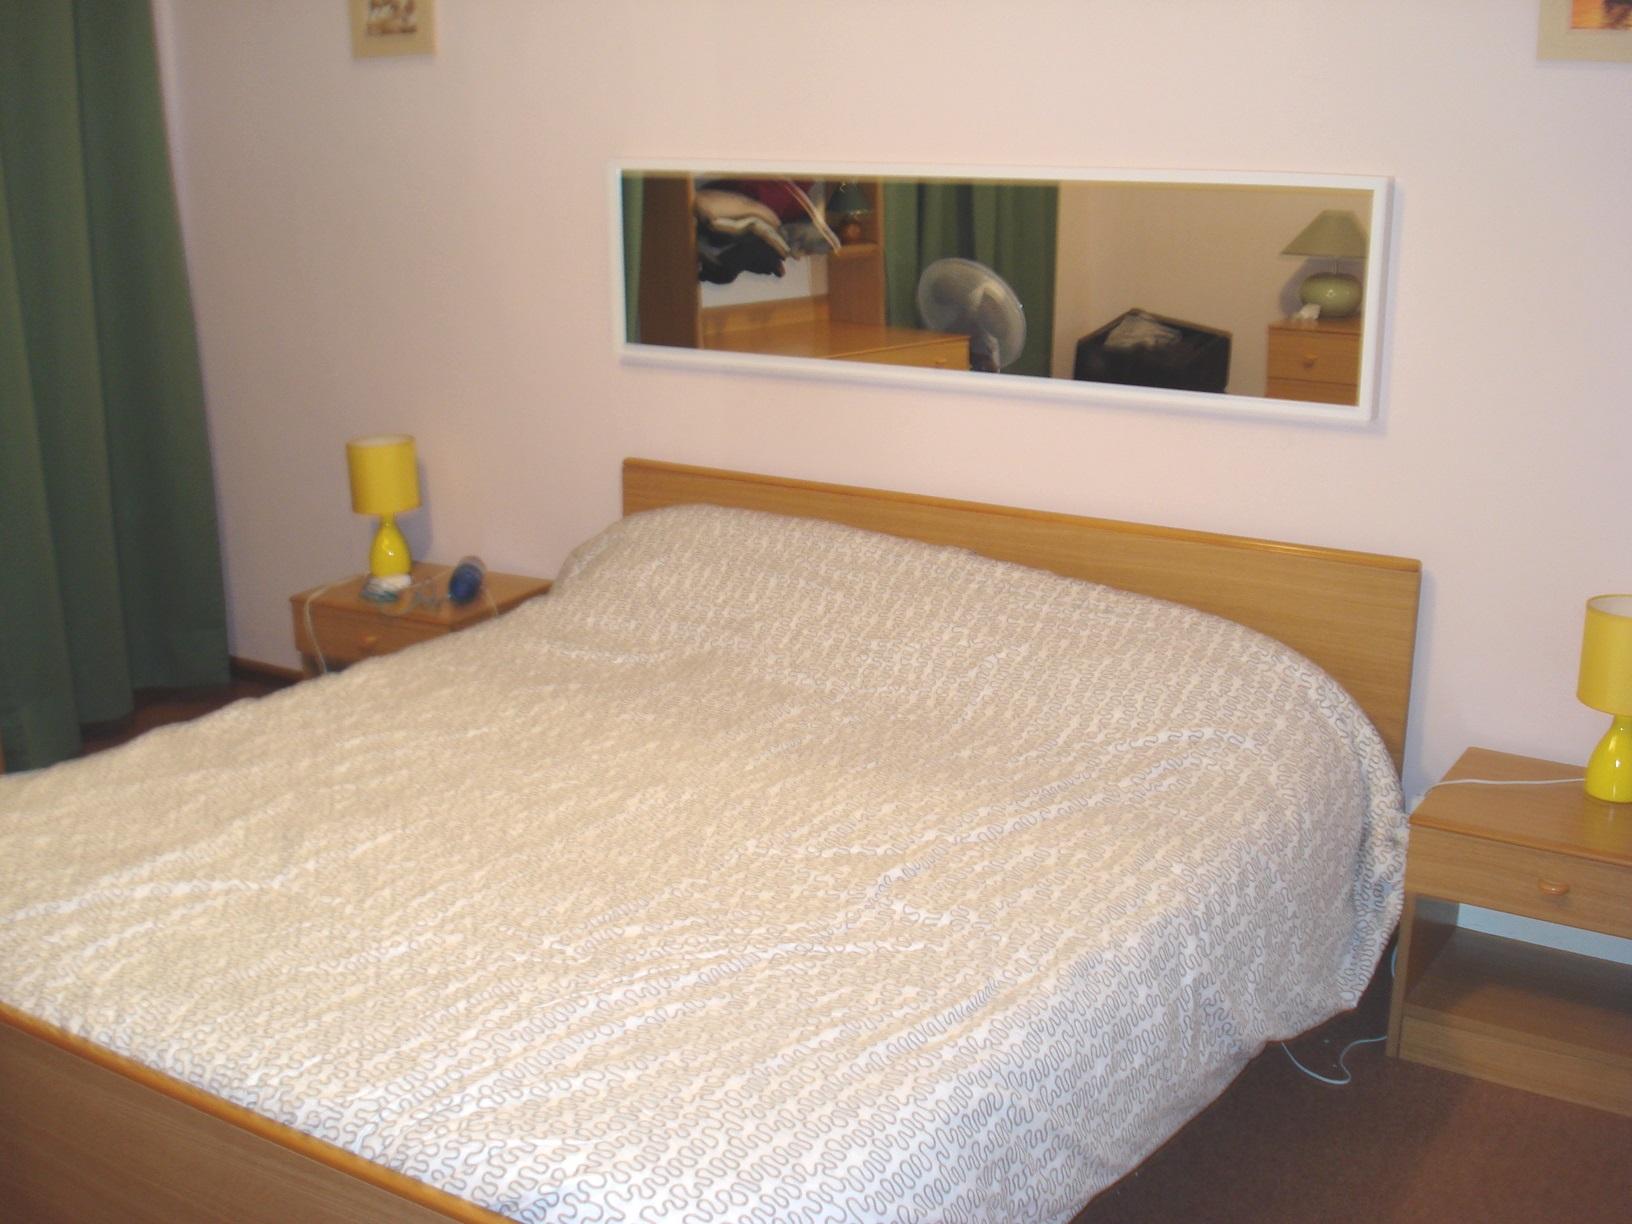 Appartamento in affitto a Biella, 2 locali, zona Zona: Centro, prezzo € 280 | Cambio Casa.it